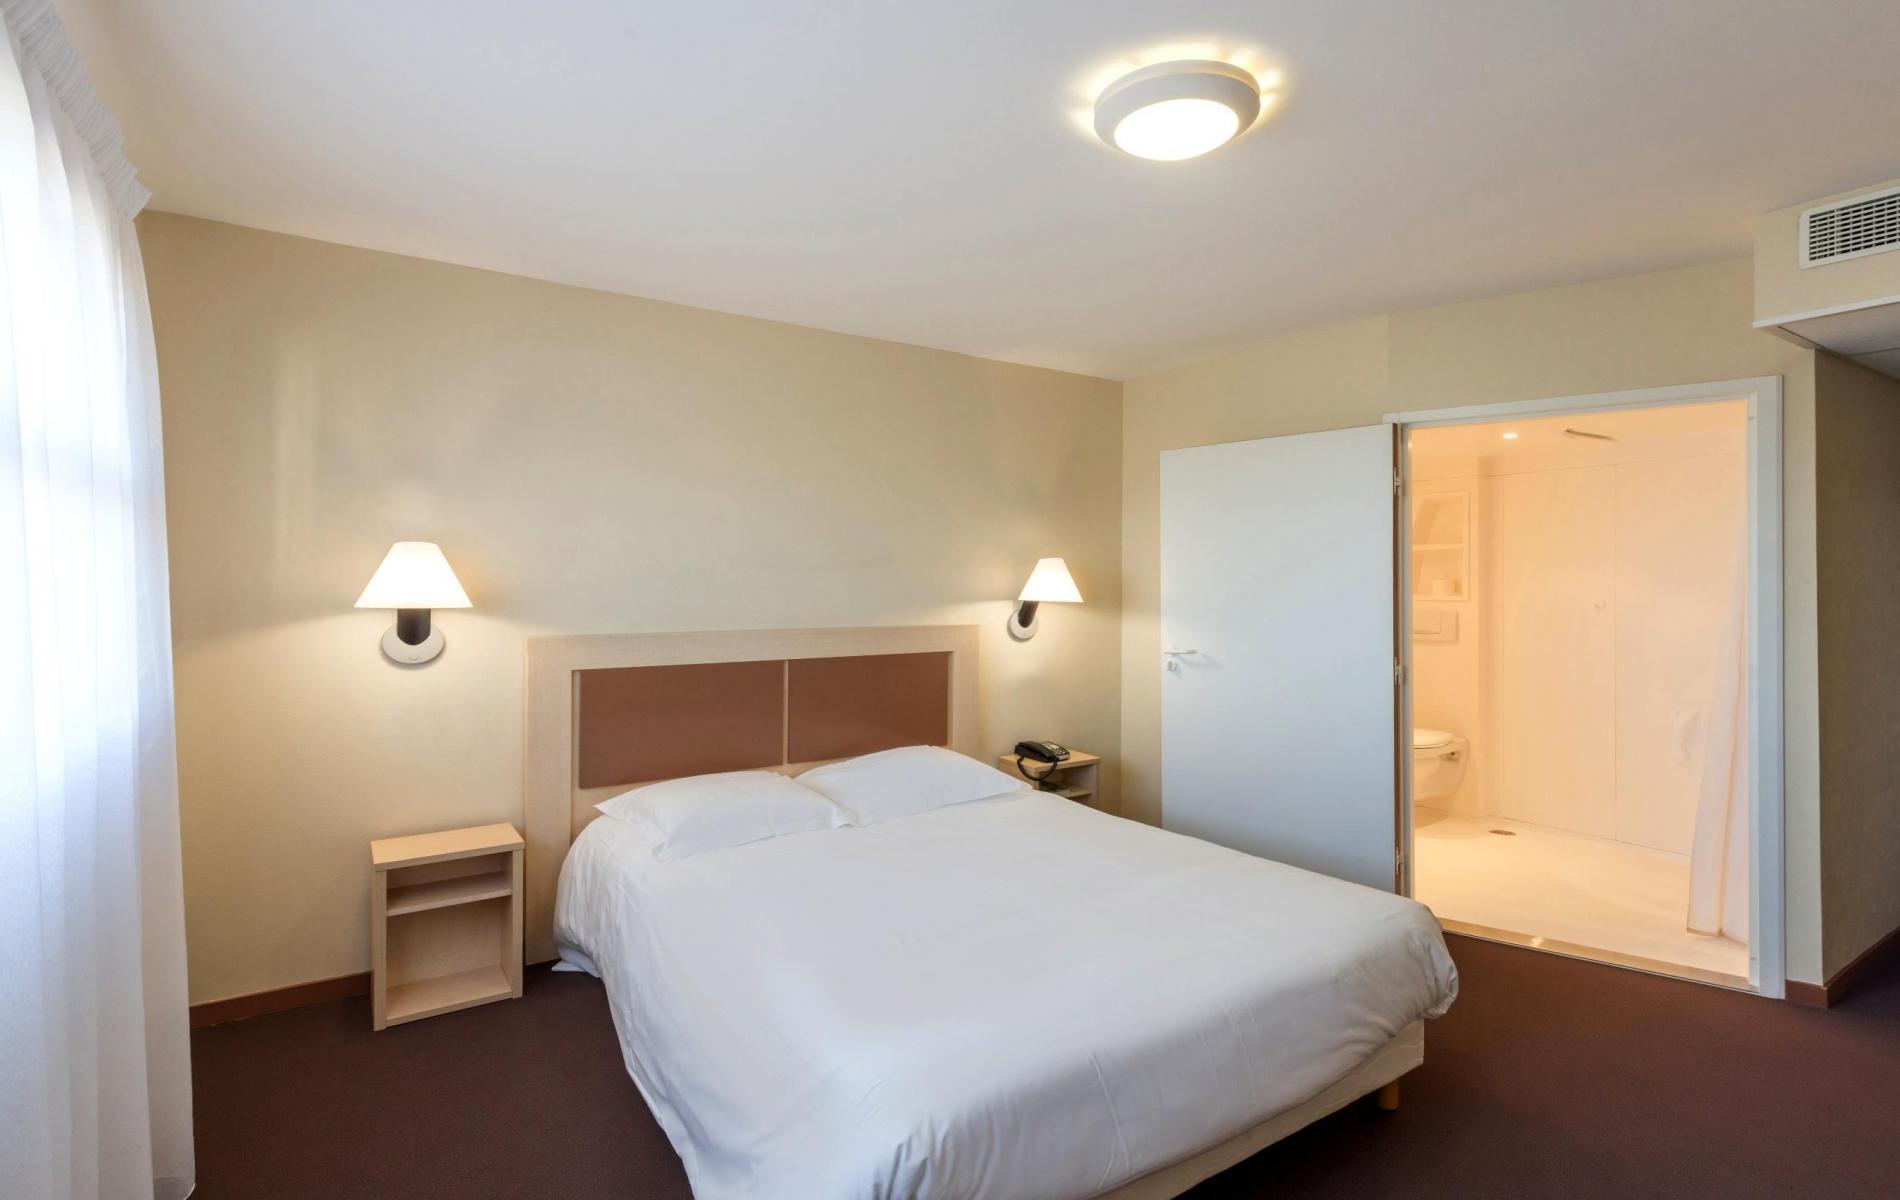 Hotel Talencia à Thouars, entre Poitiers, Cholet et Angers